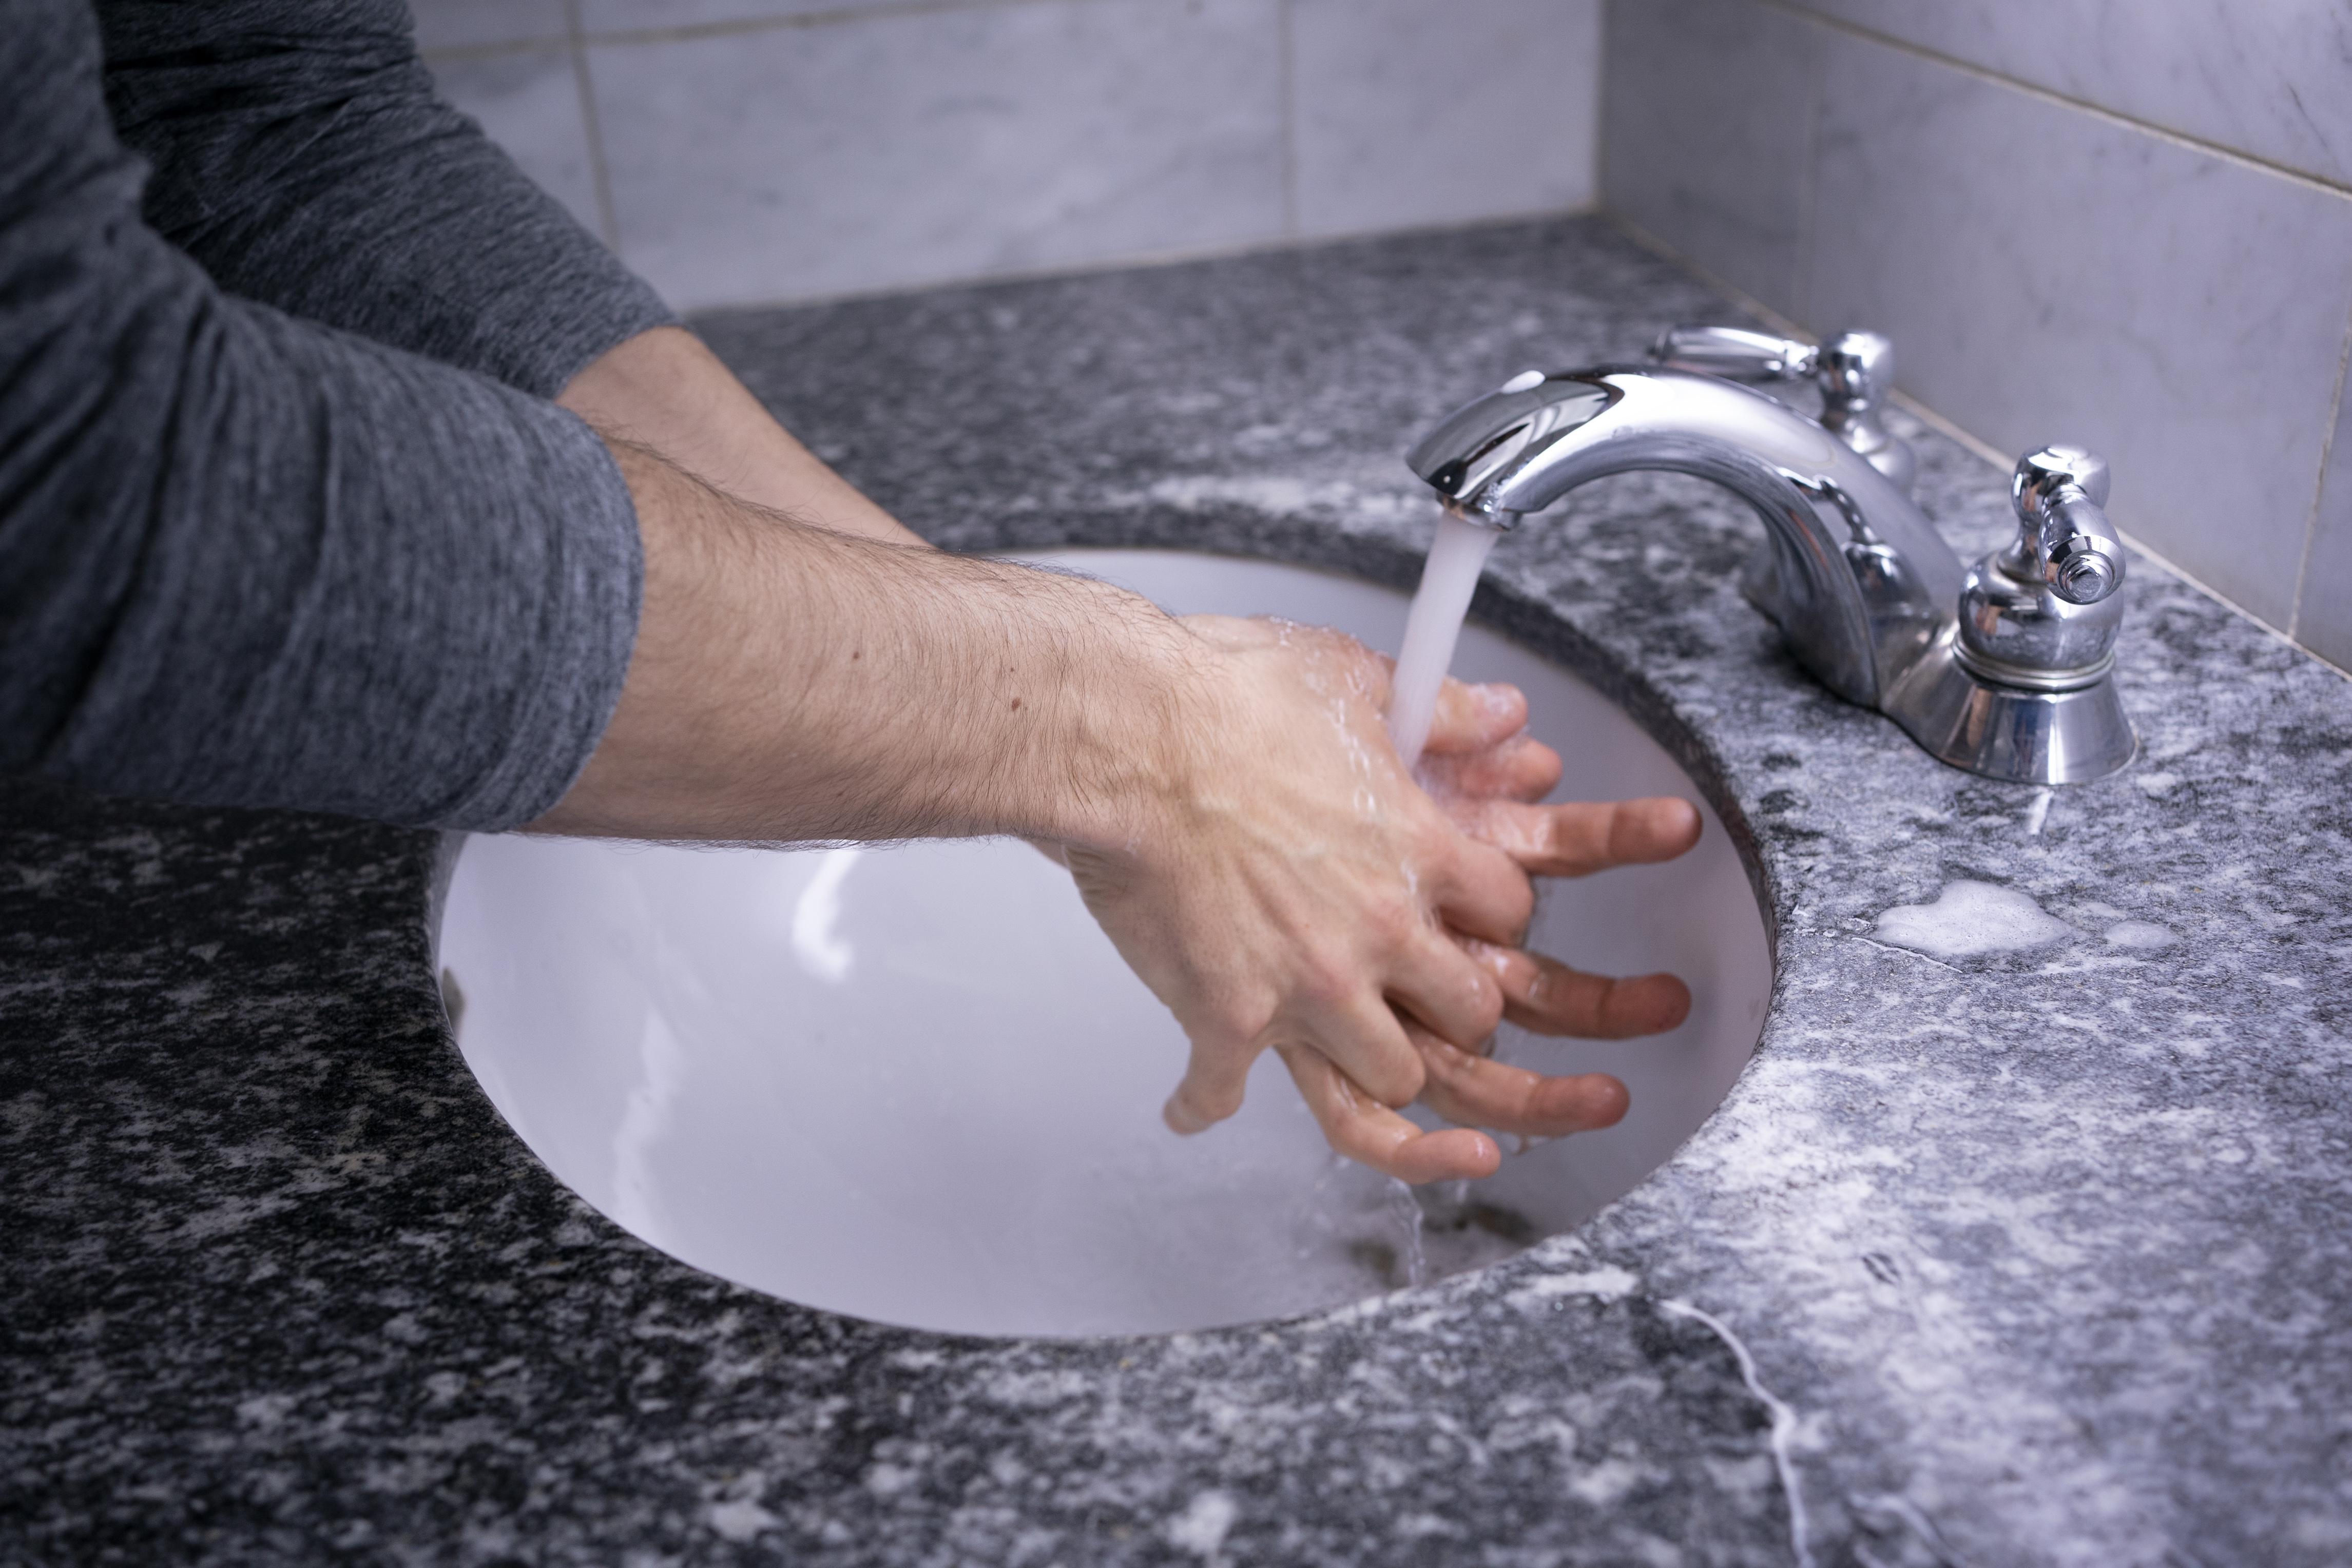 منظّمة الصحّة العالميّة تنصح بغسل اليدين بعناية من بين وسائل الوقاية من فيروس كورونا/Paul Chiasson/CP